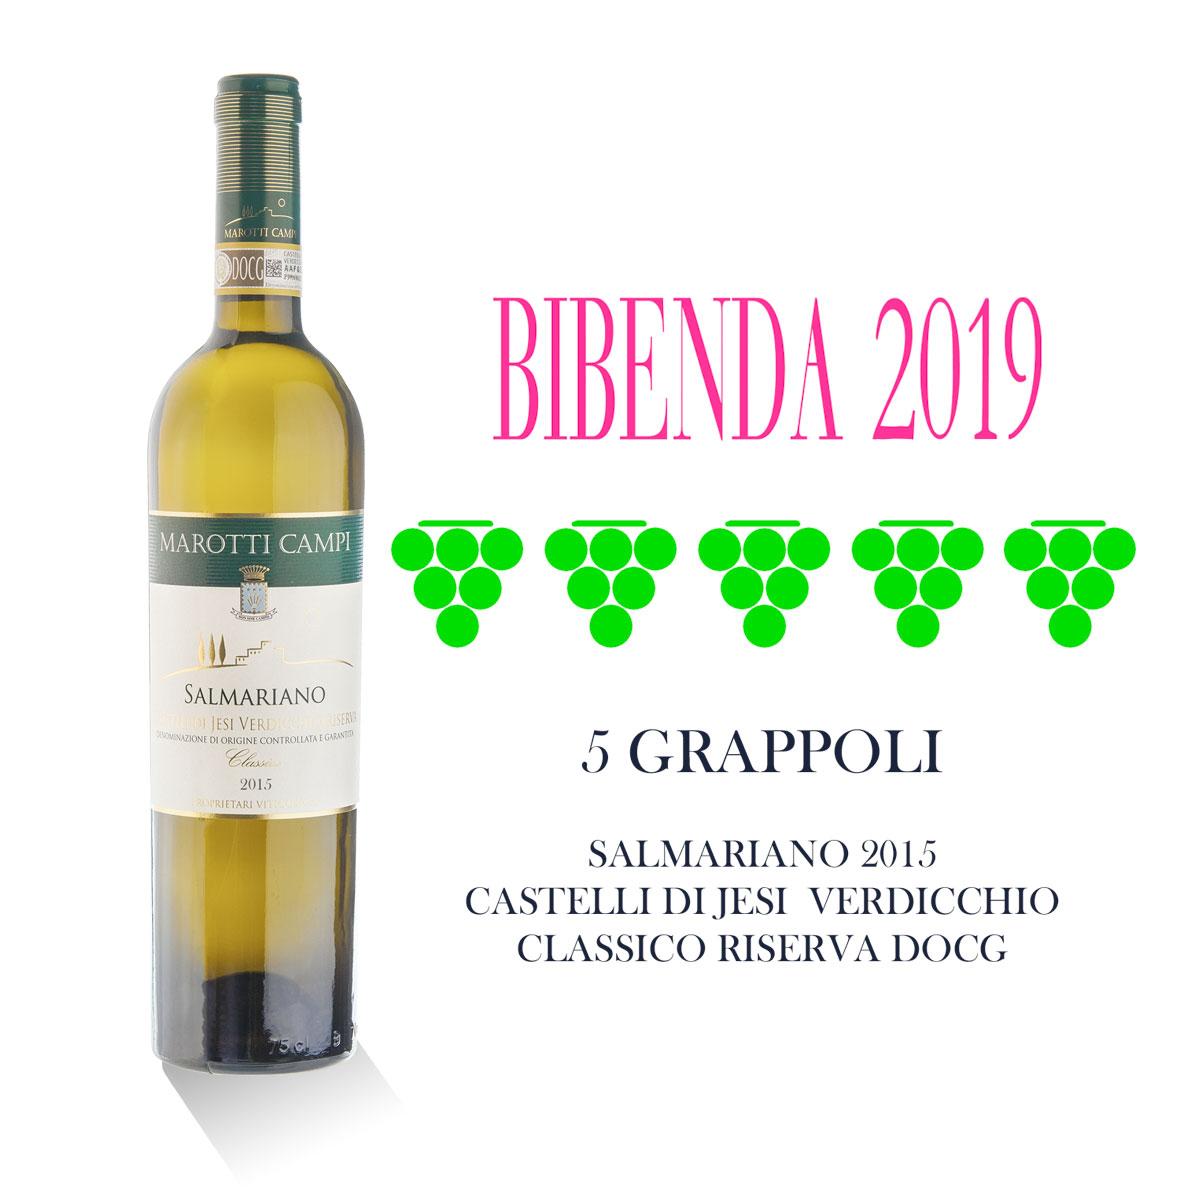 Salmariano-2015-5-Grappoli-Bibenda-2019-Marotti-Campi